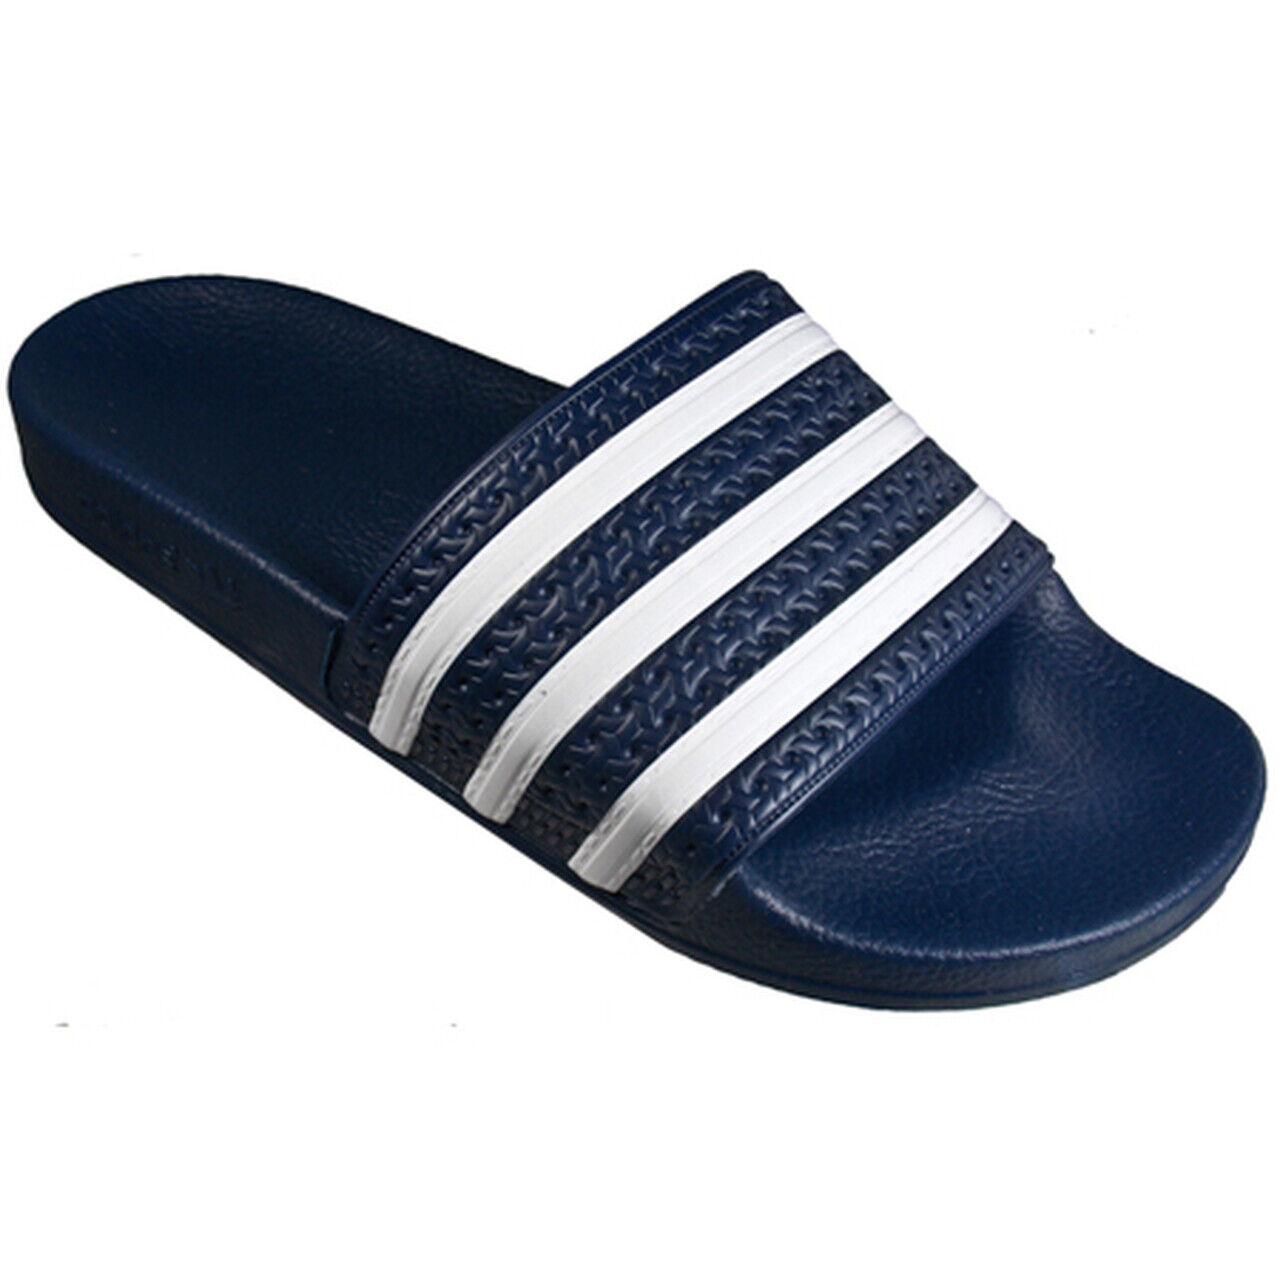 Adidas Adilette Slide Sandal Size Men's 9 Navy